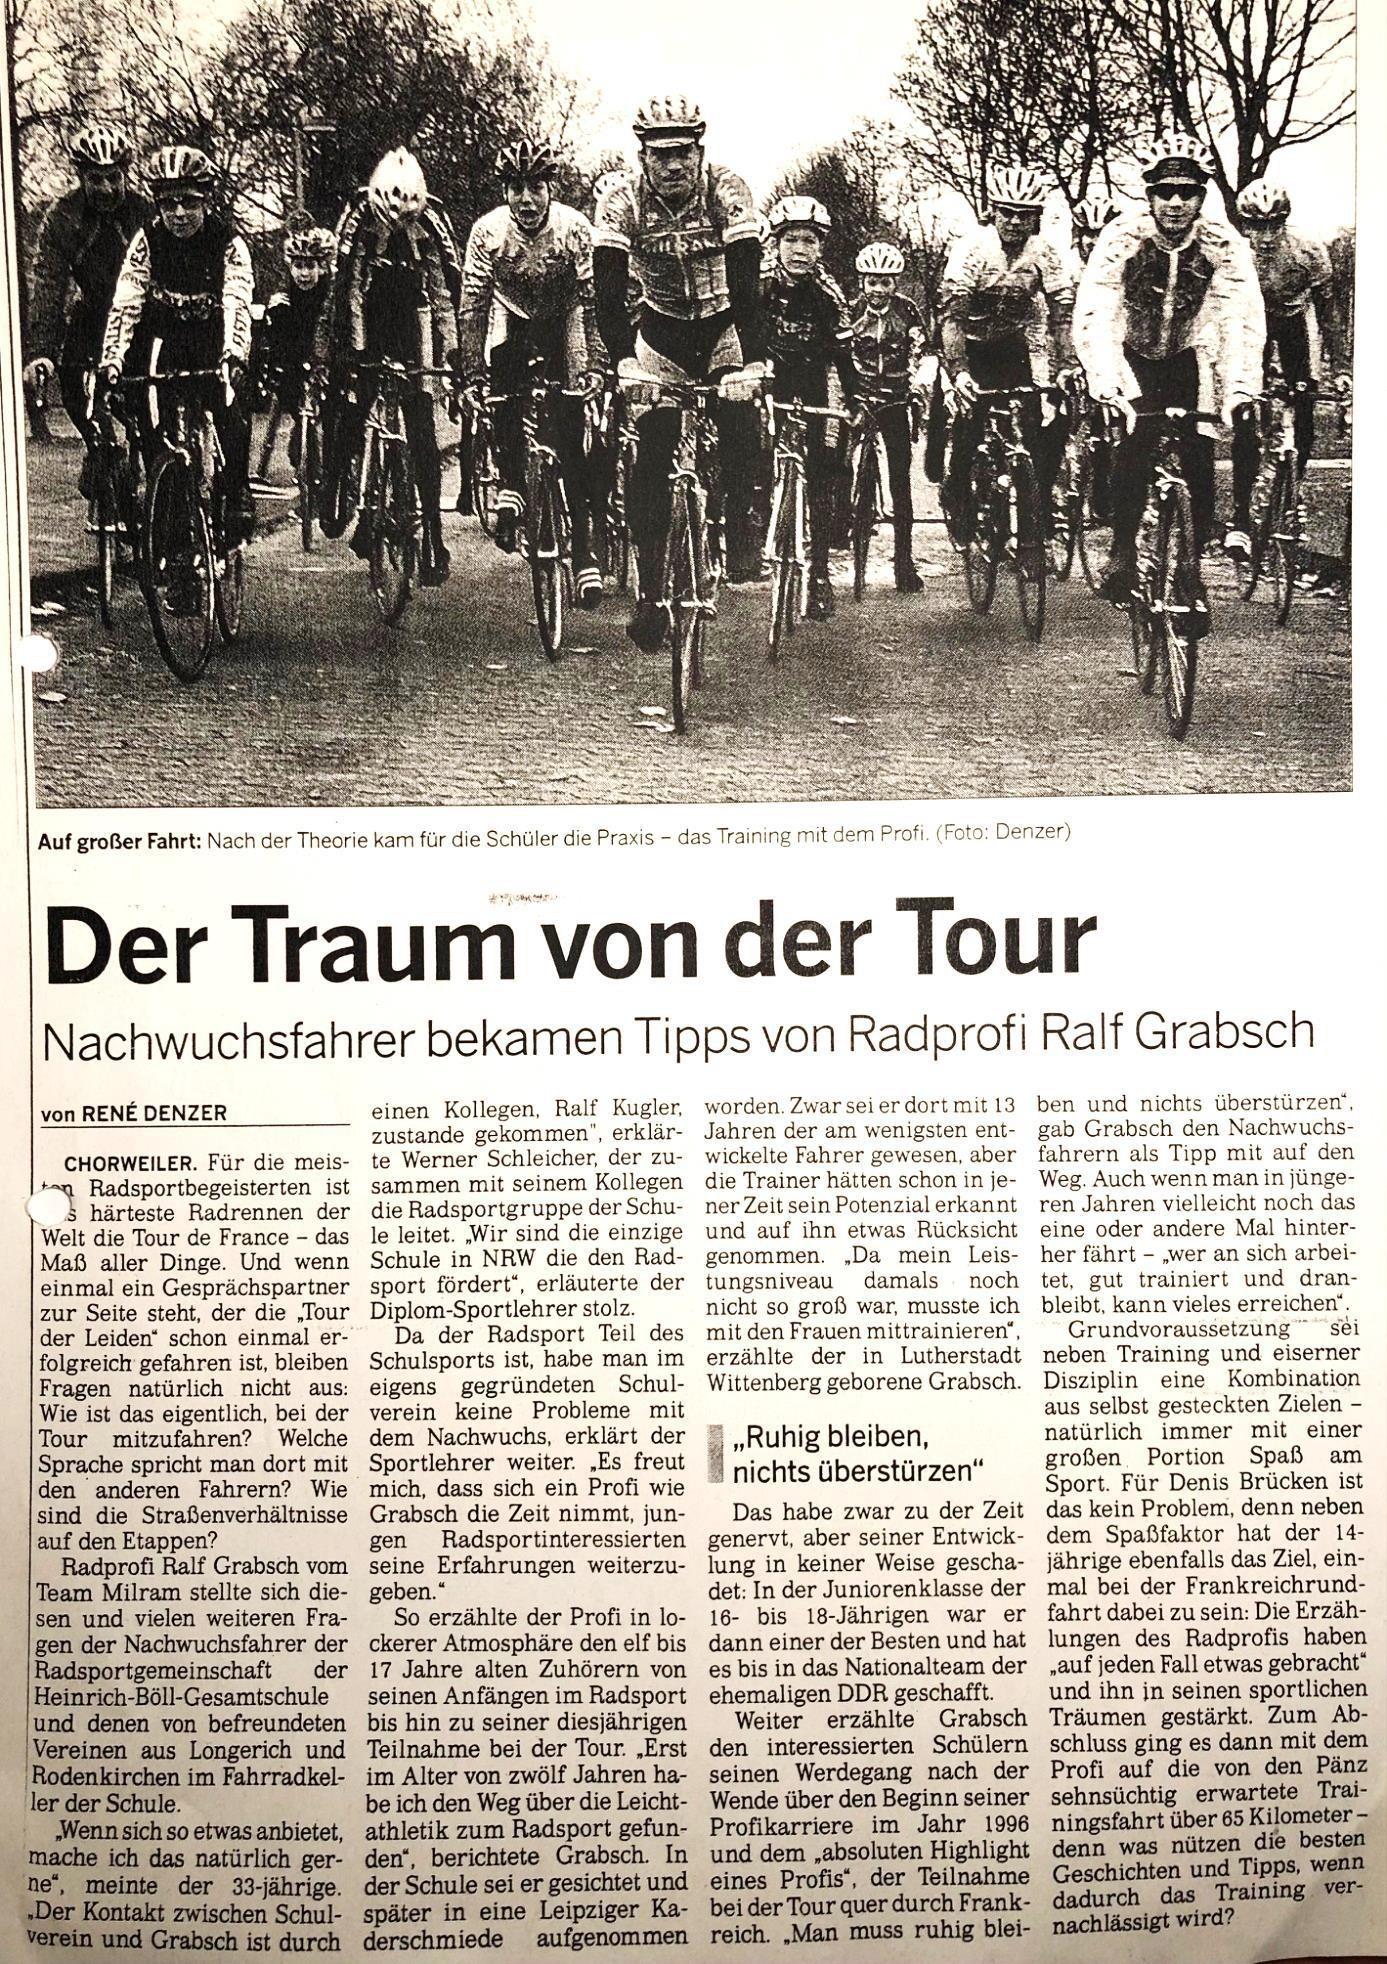 Kölnische Rundschau von 30.11.2006 Milram Profi Ralf Grabsch, heute Bundestrainer, an der HBG